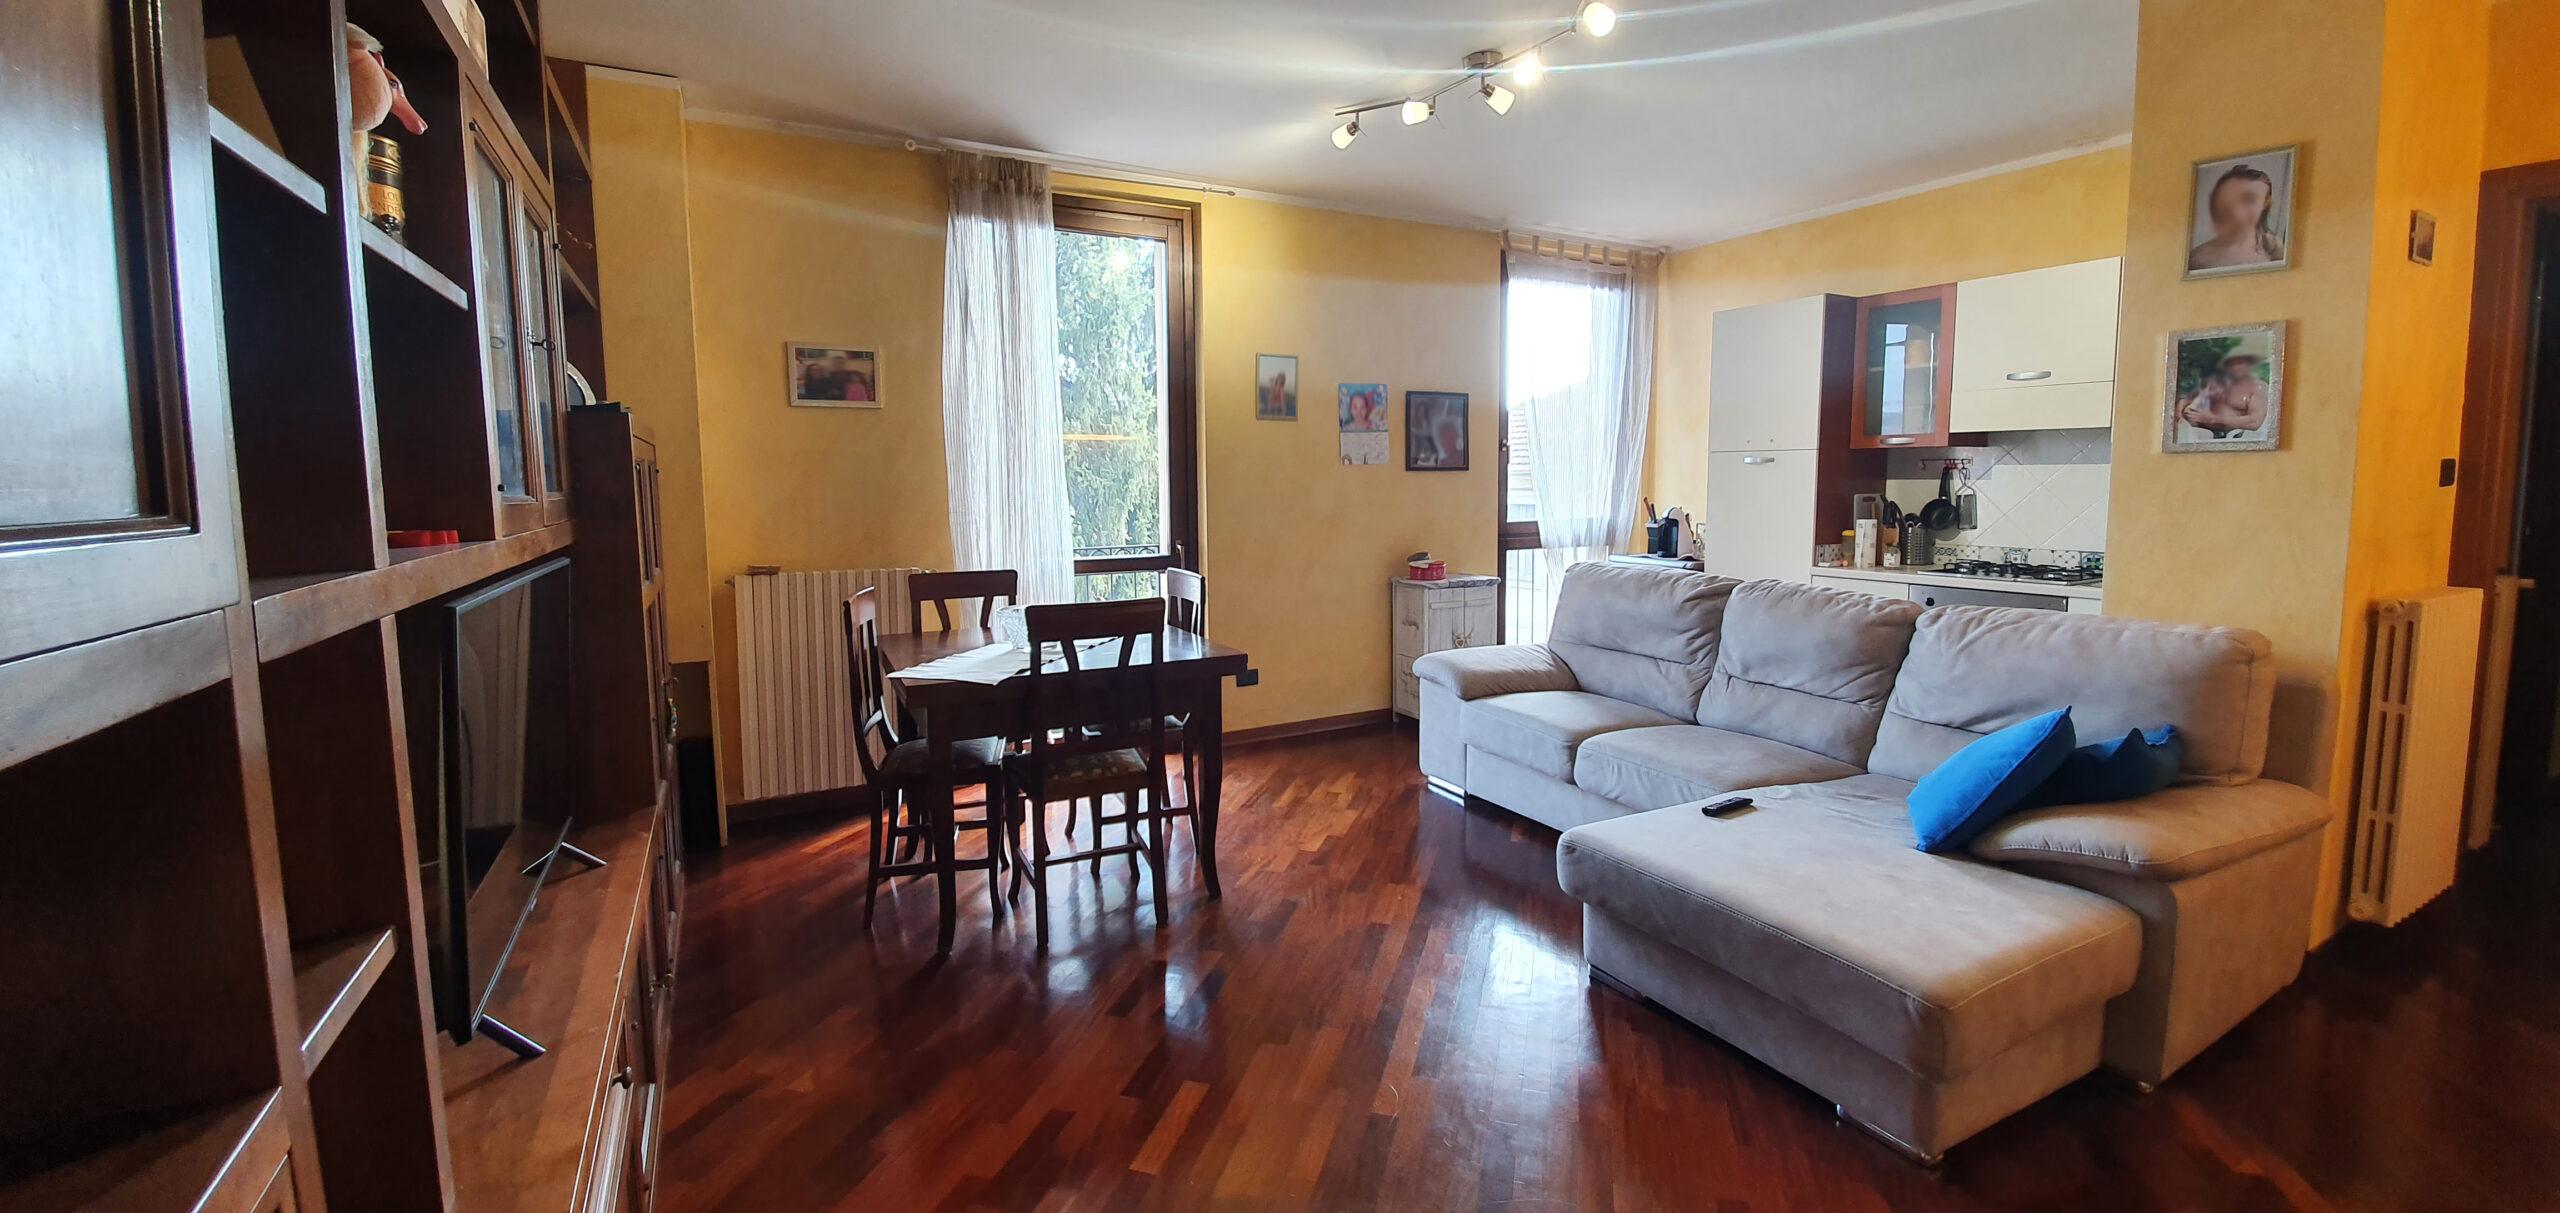 Appartamento bilocale in vendita a Turbigo